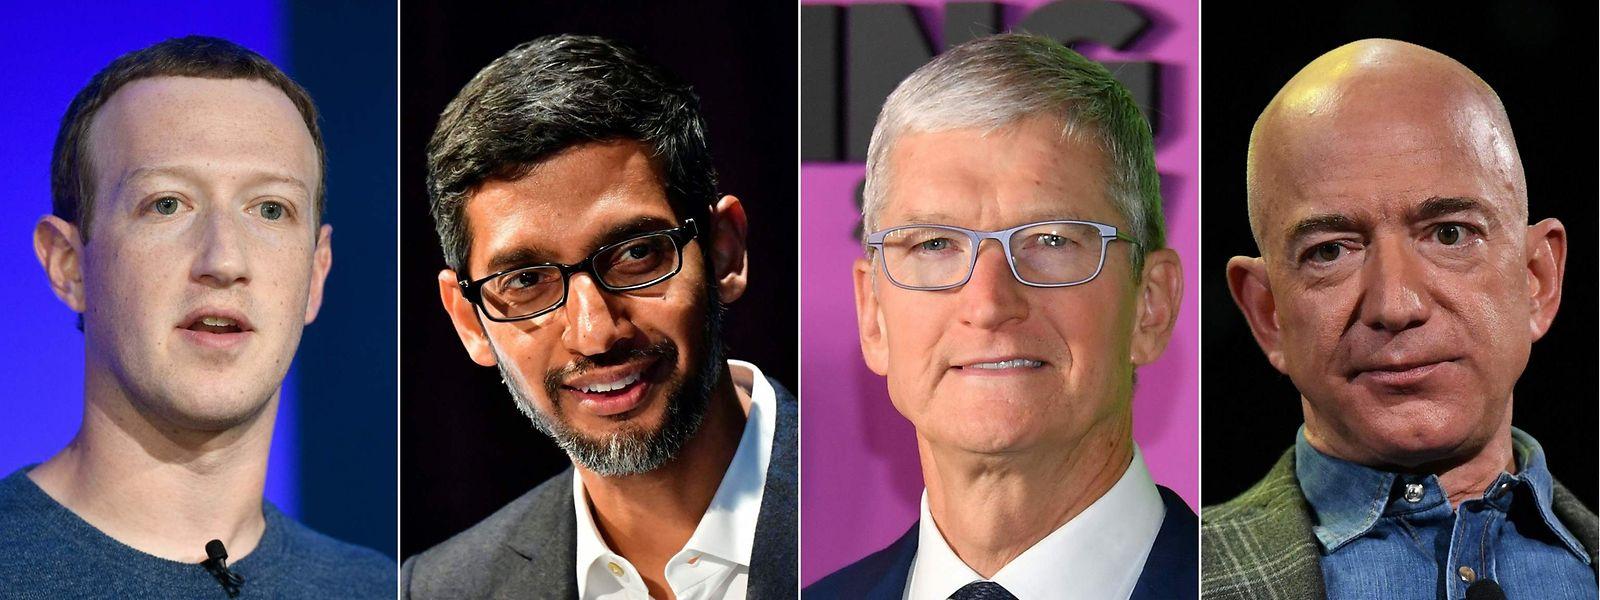 Mark Zuckerberg (Facebook), Sundar Pichai (Google) Tim Cook (Amazon) et Jeff Bezos (Amazon) se défendront devant la commission judiciaire de la Chambre des représentants.